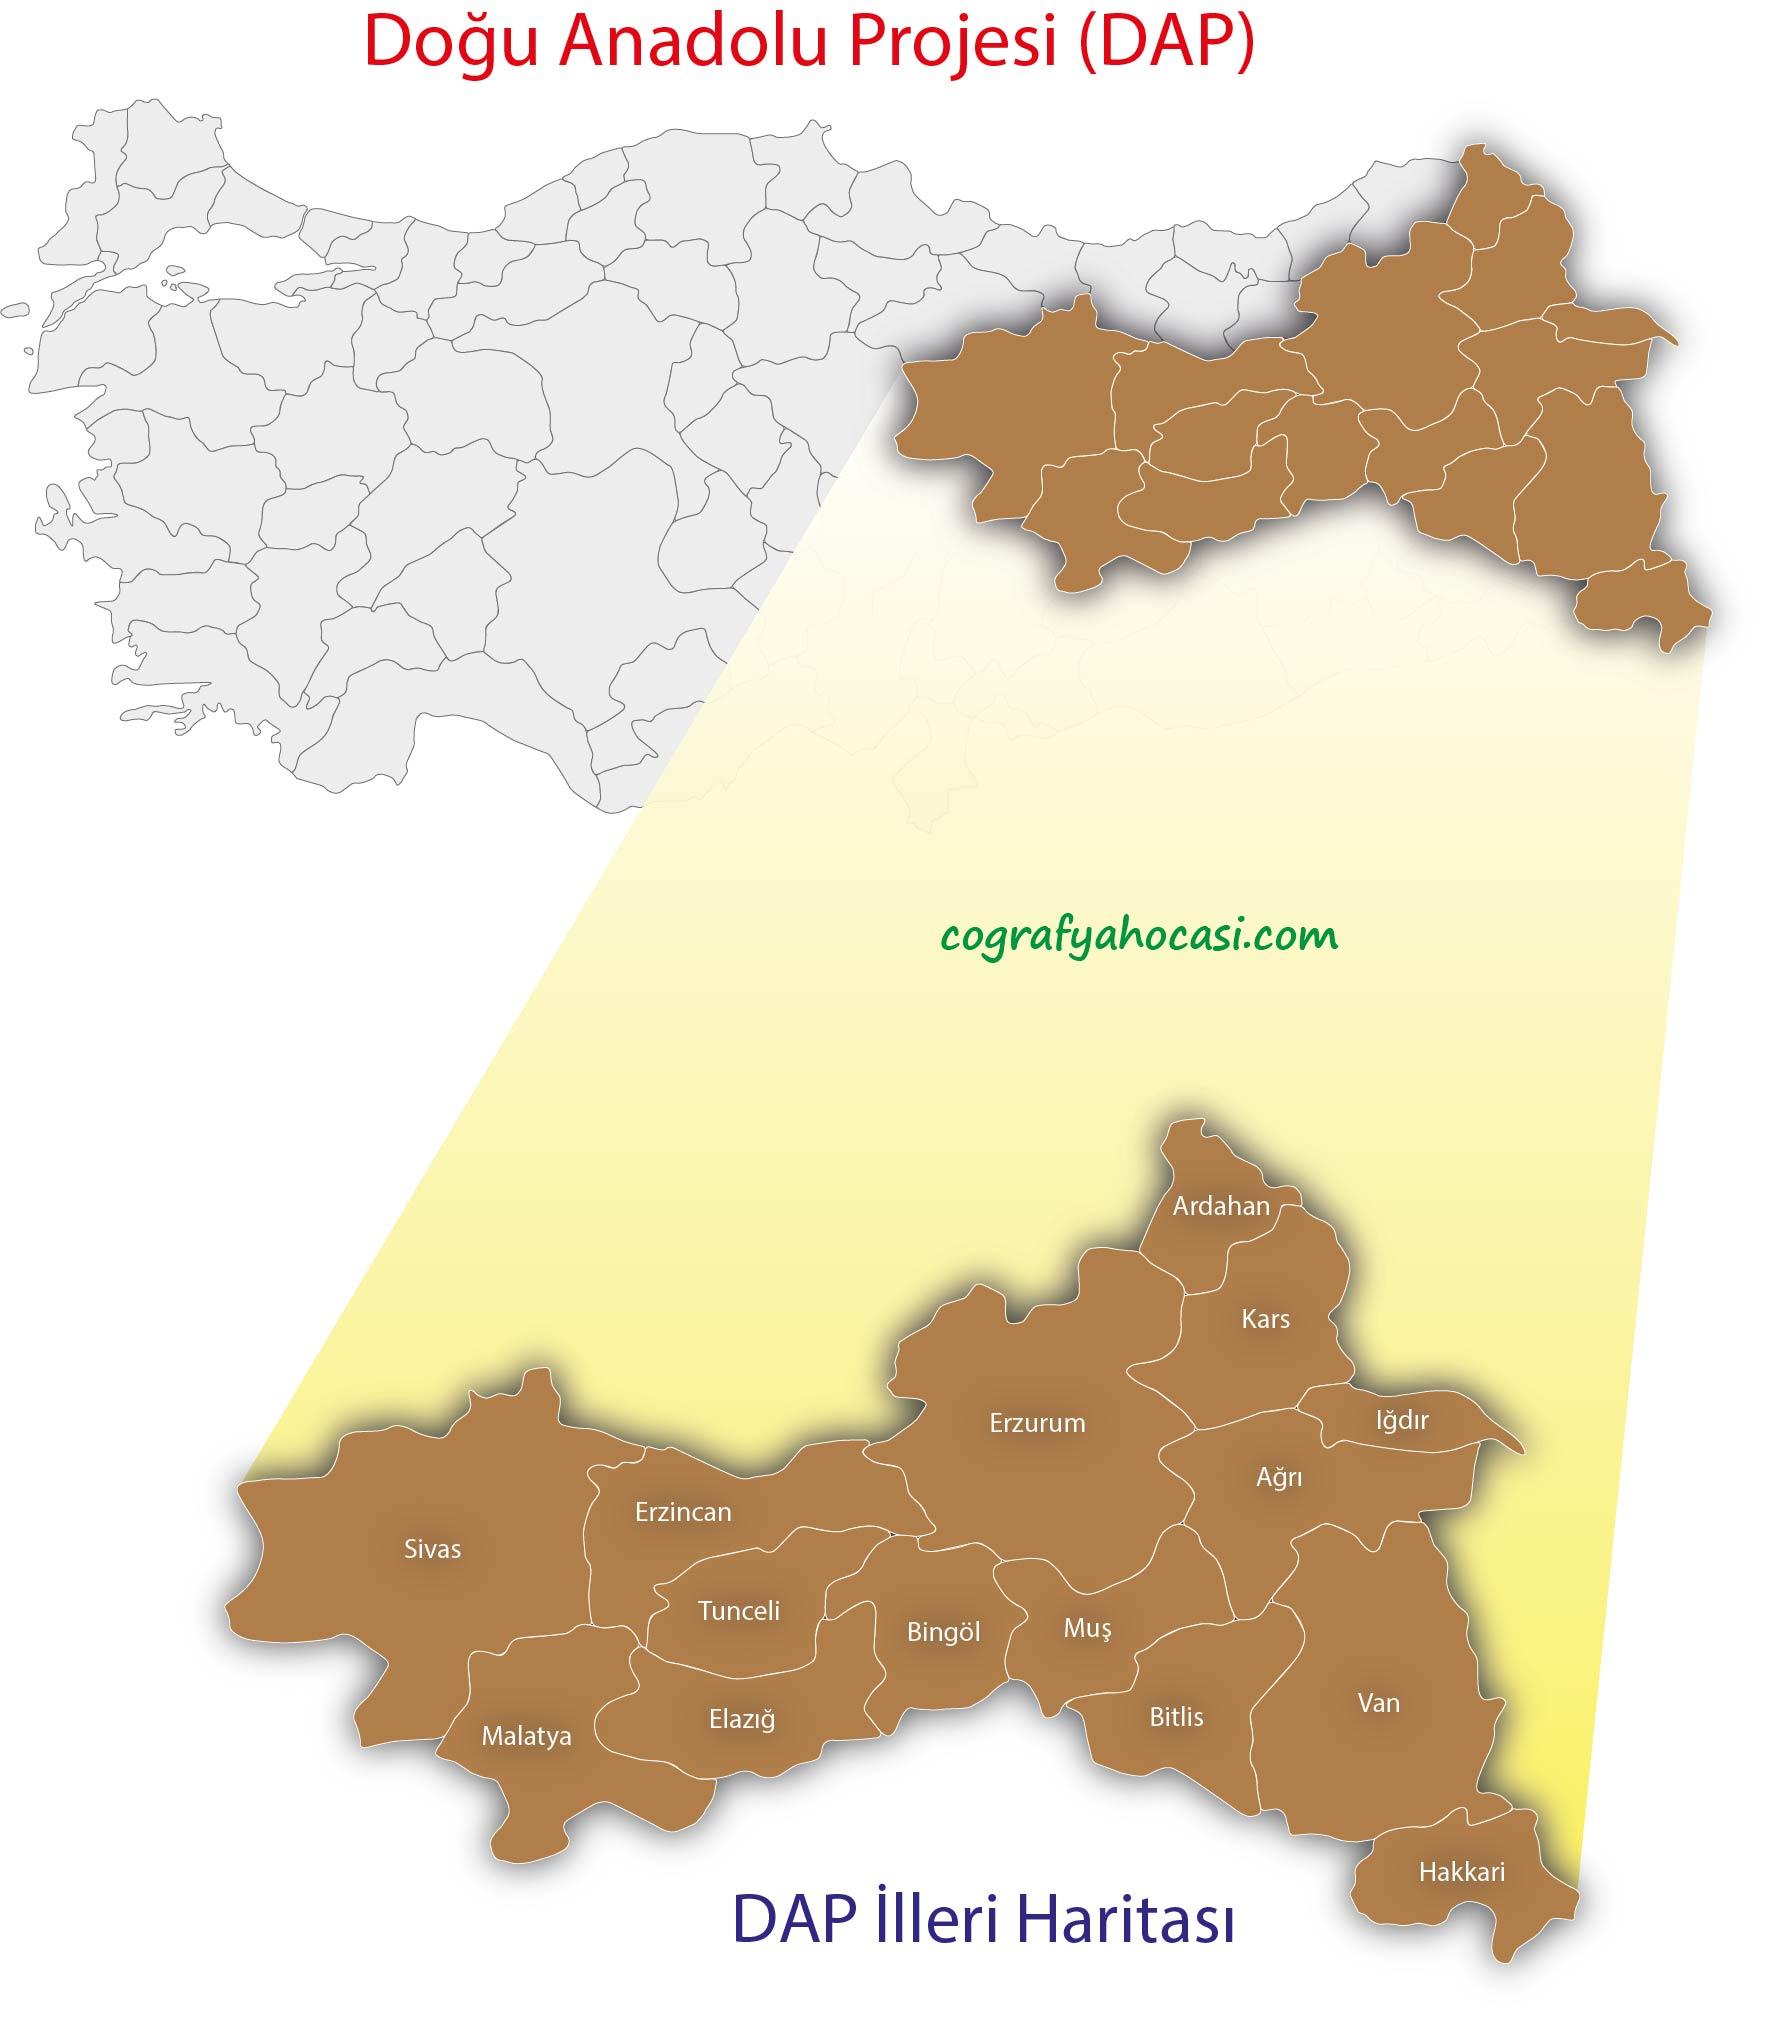 Doğu Anadolu Projesi Harita